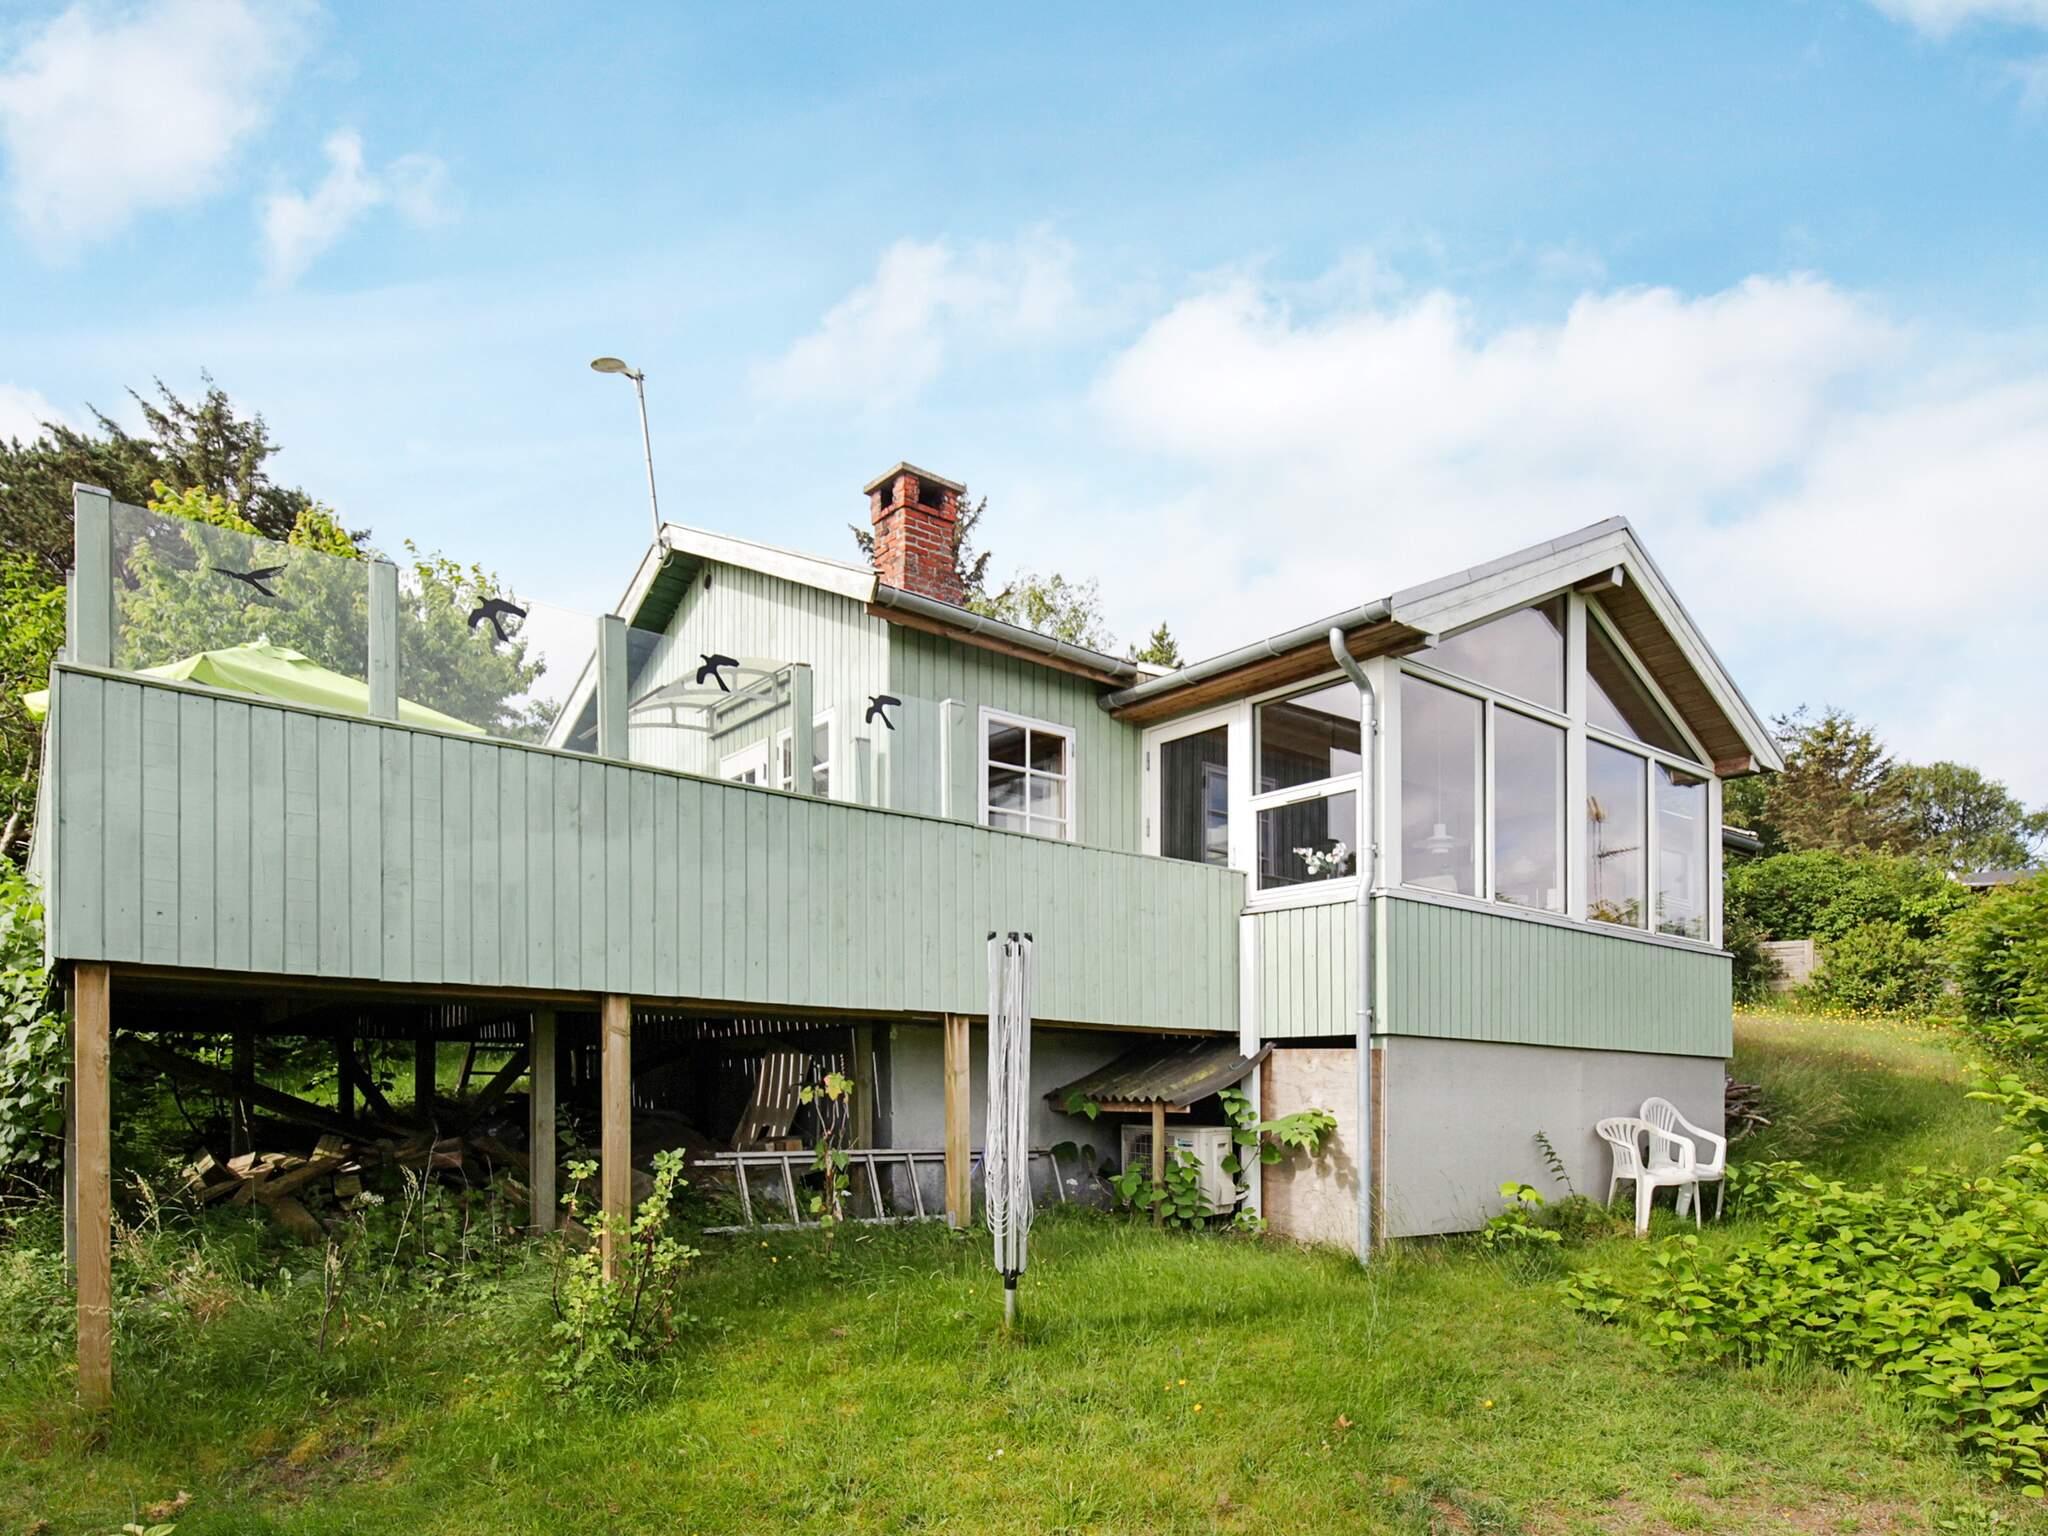 Ferienhaus Rågeleje (921041), Rågeleje, , Nordseeland, Dänemark, Bild 1